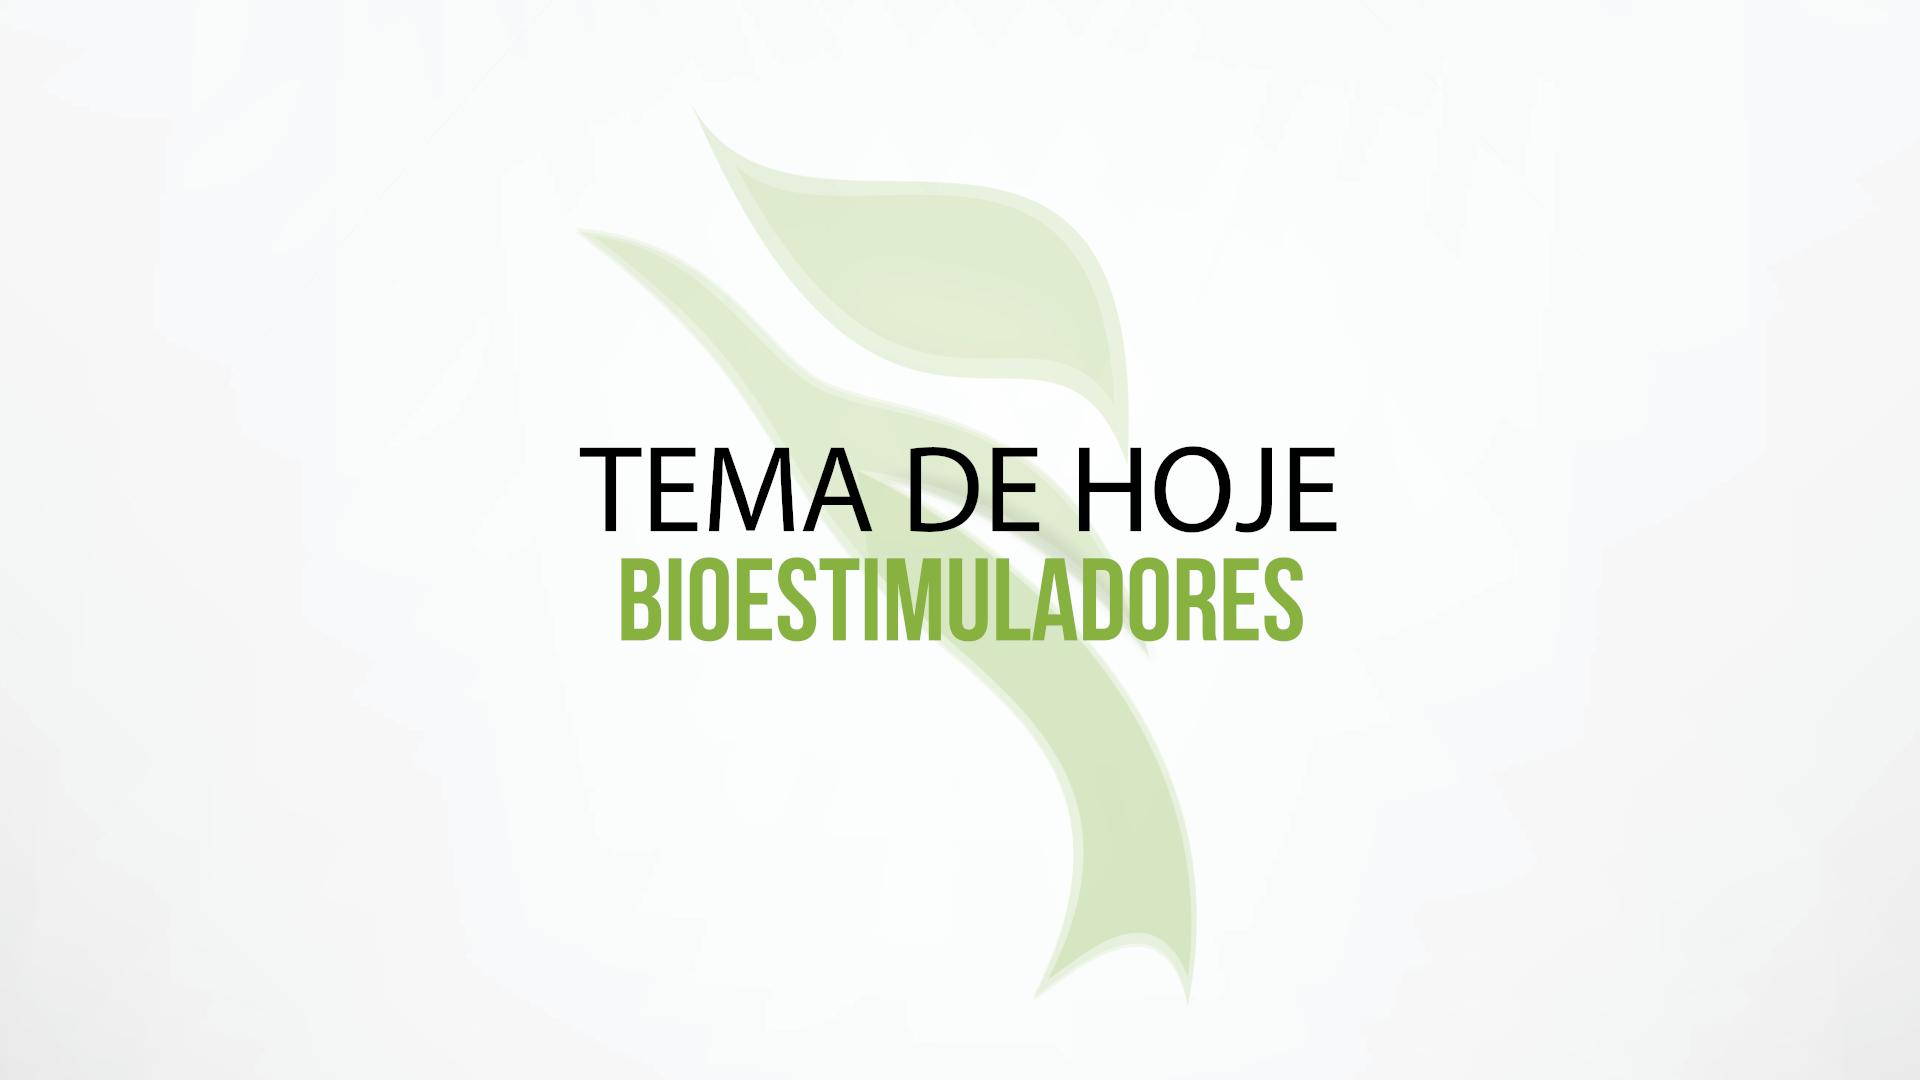 Bioestimuladores combinados com outros tratamentos potencializam resultados